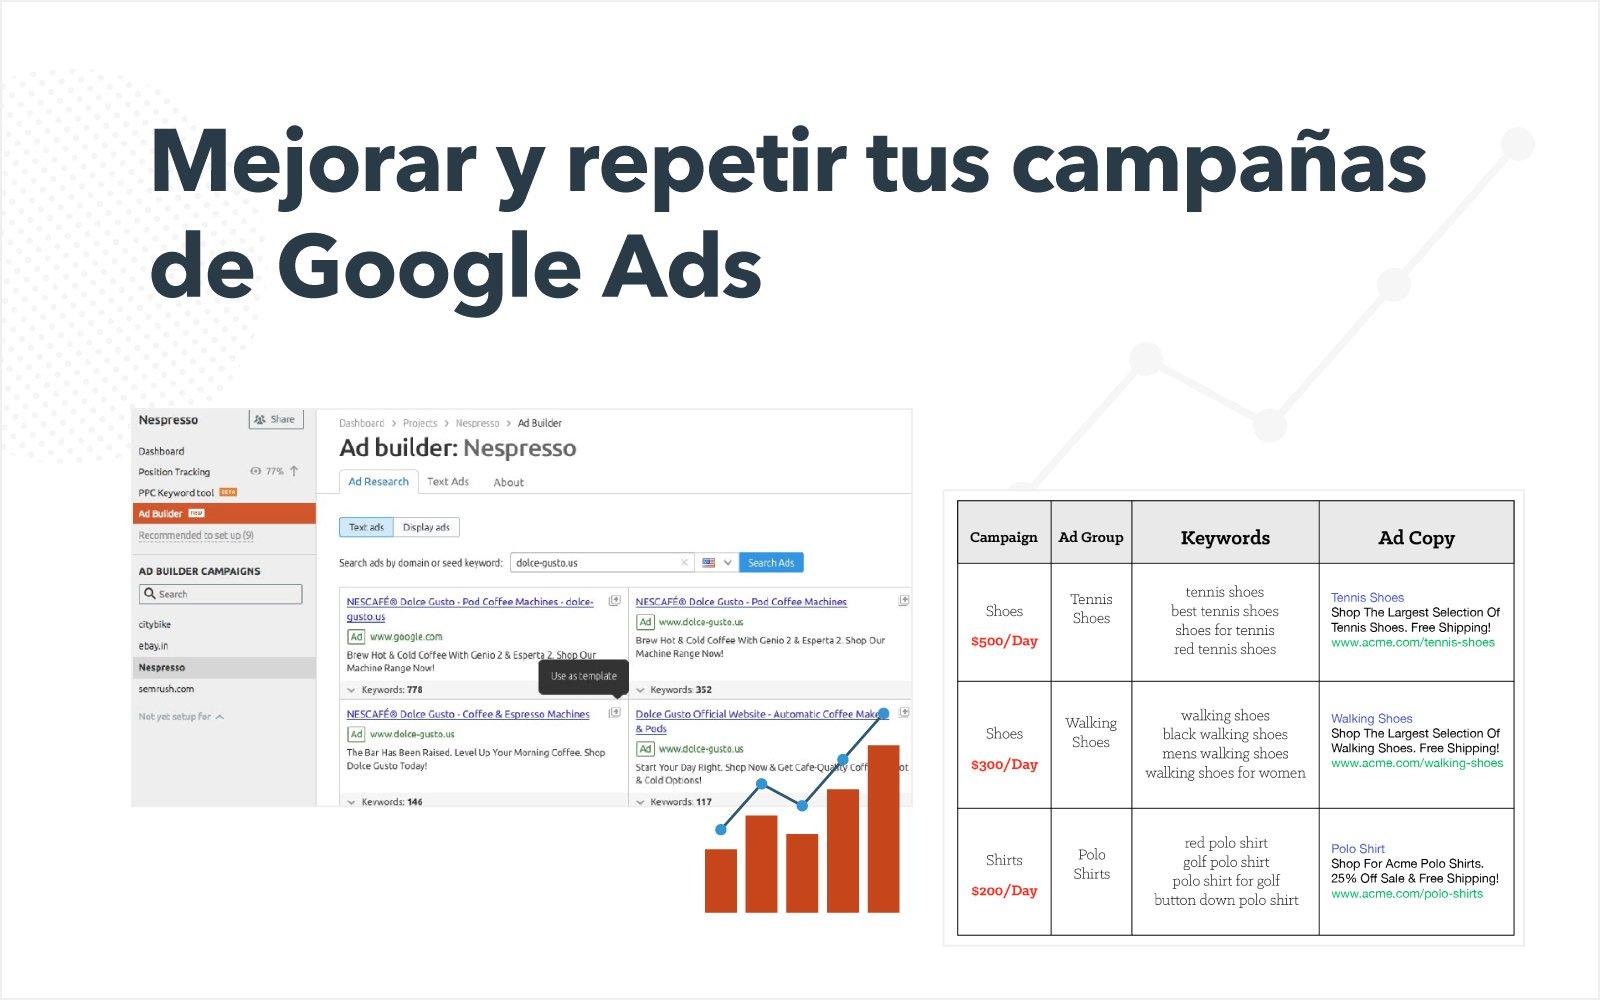 Mejorar y repetir tus campañas de Google Ads